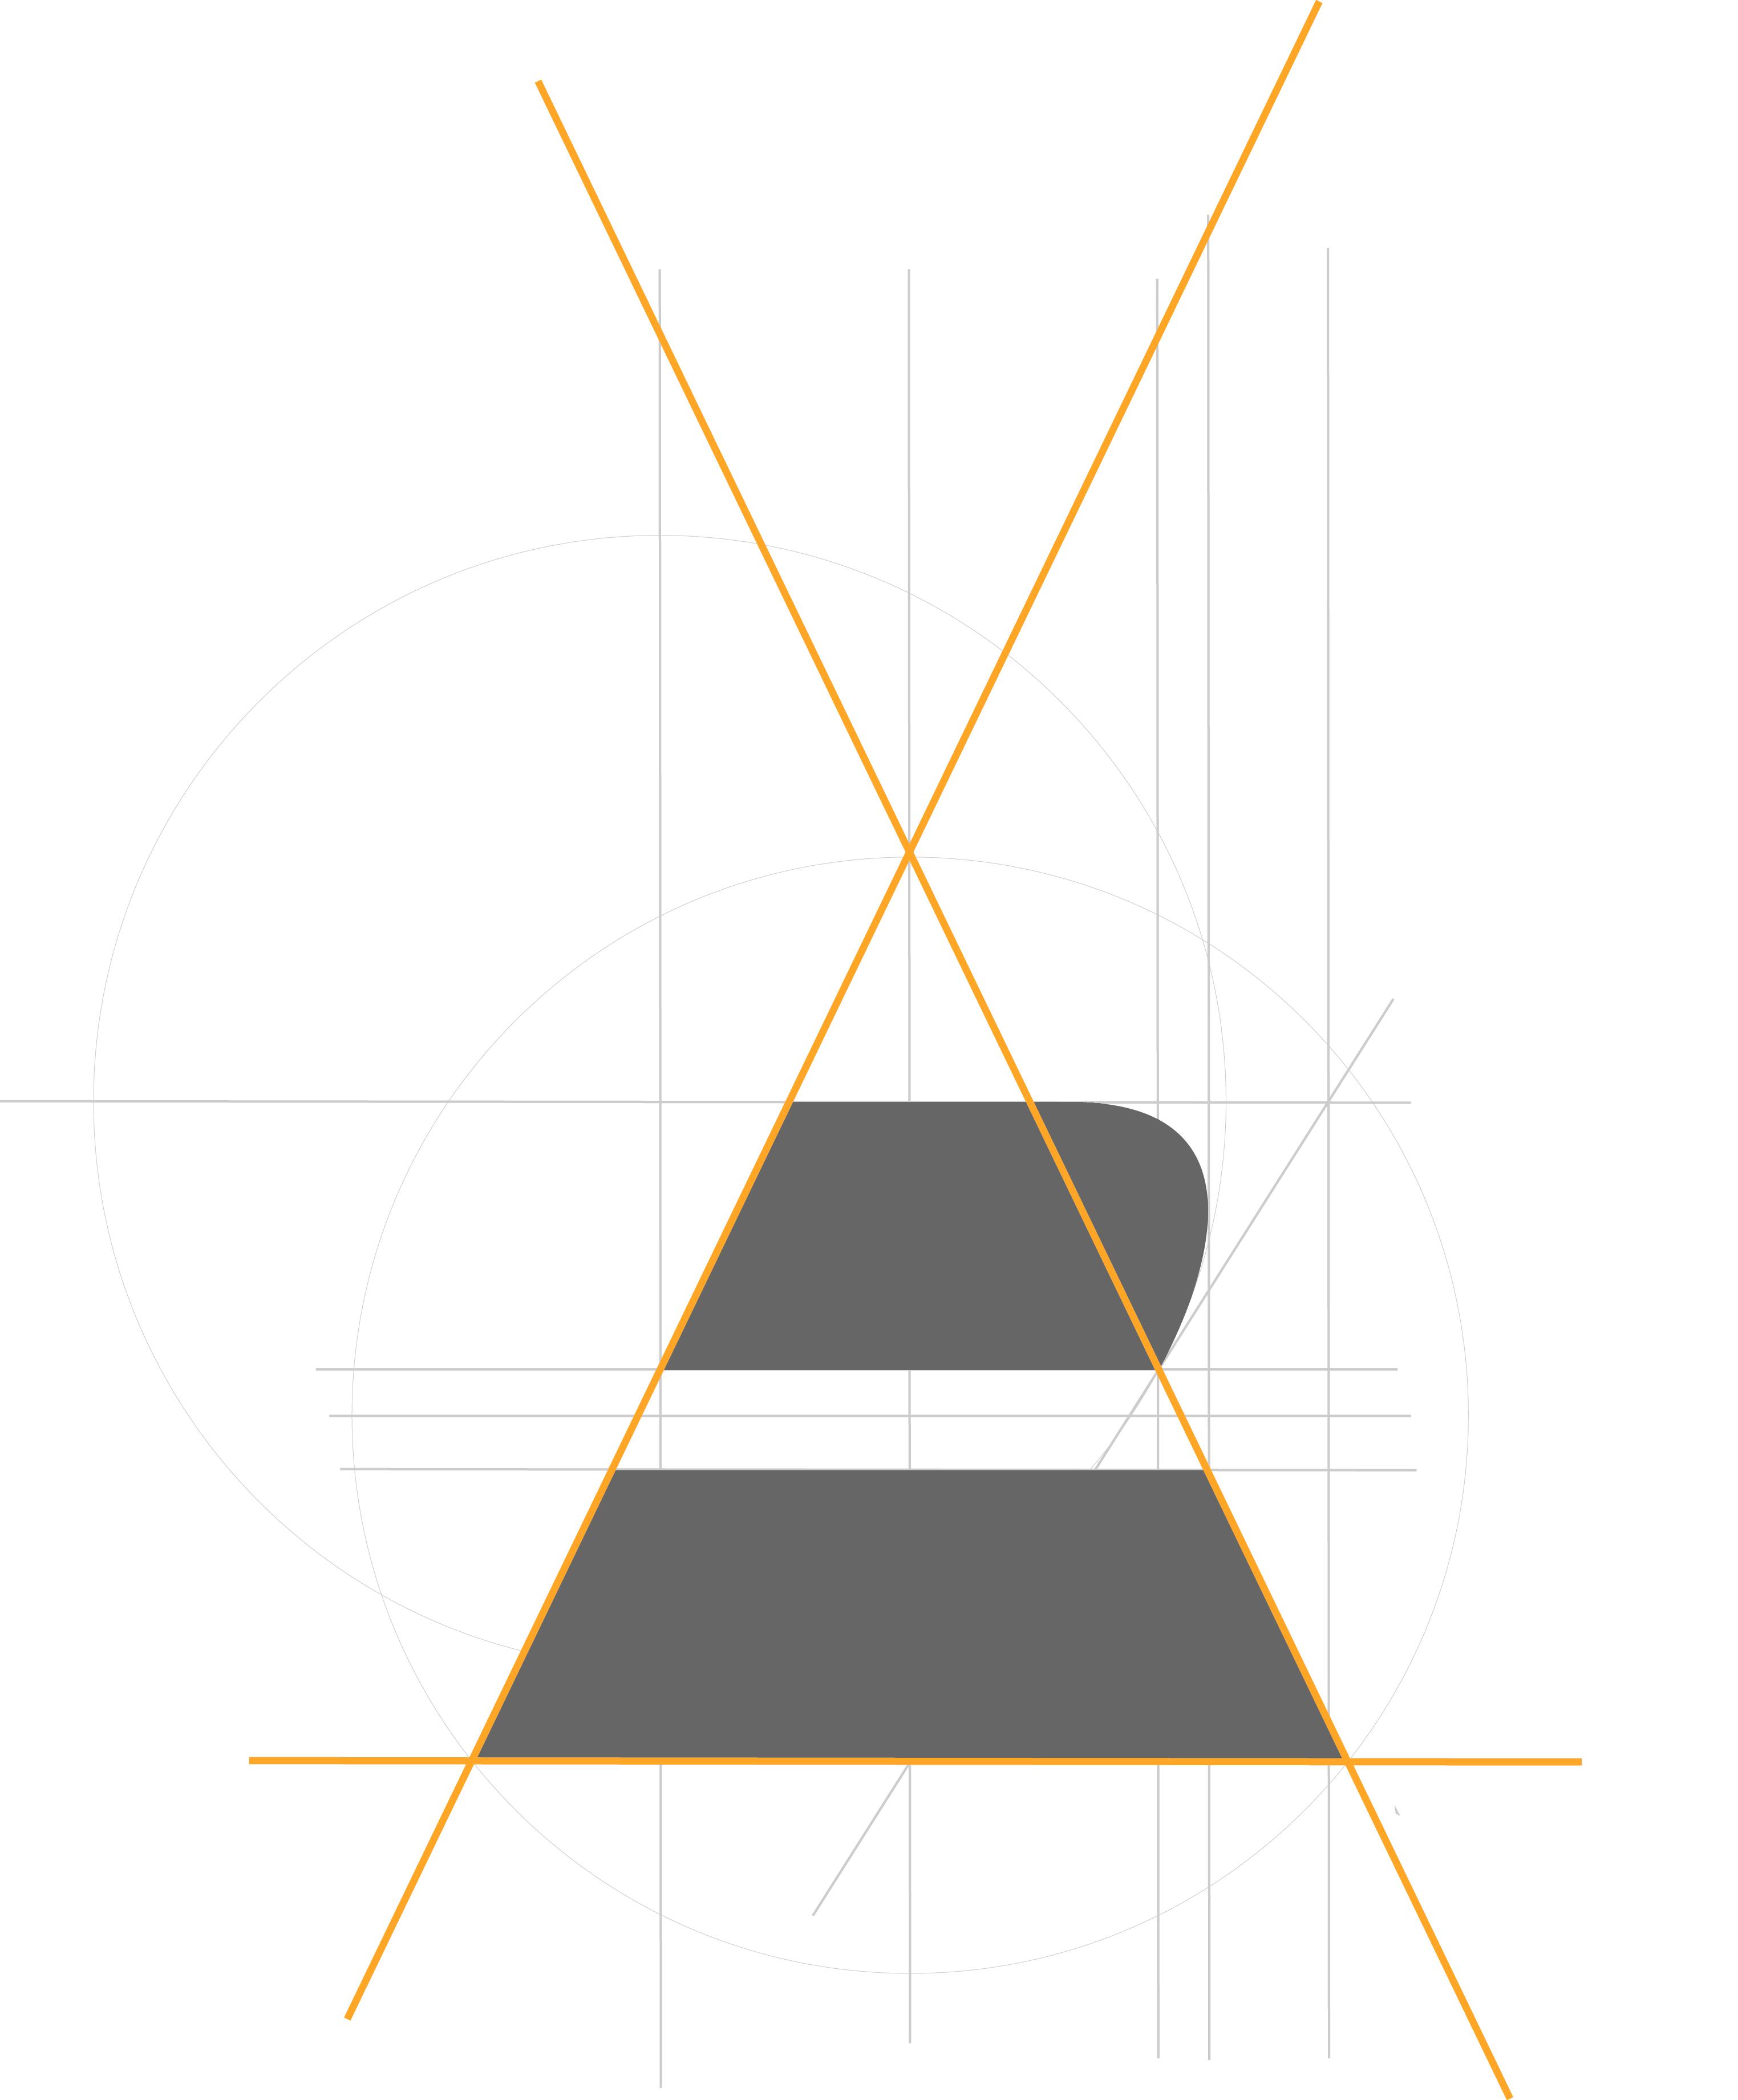 aregel_logo_ci_fertig_concept1